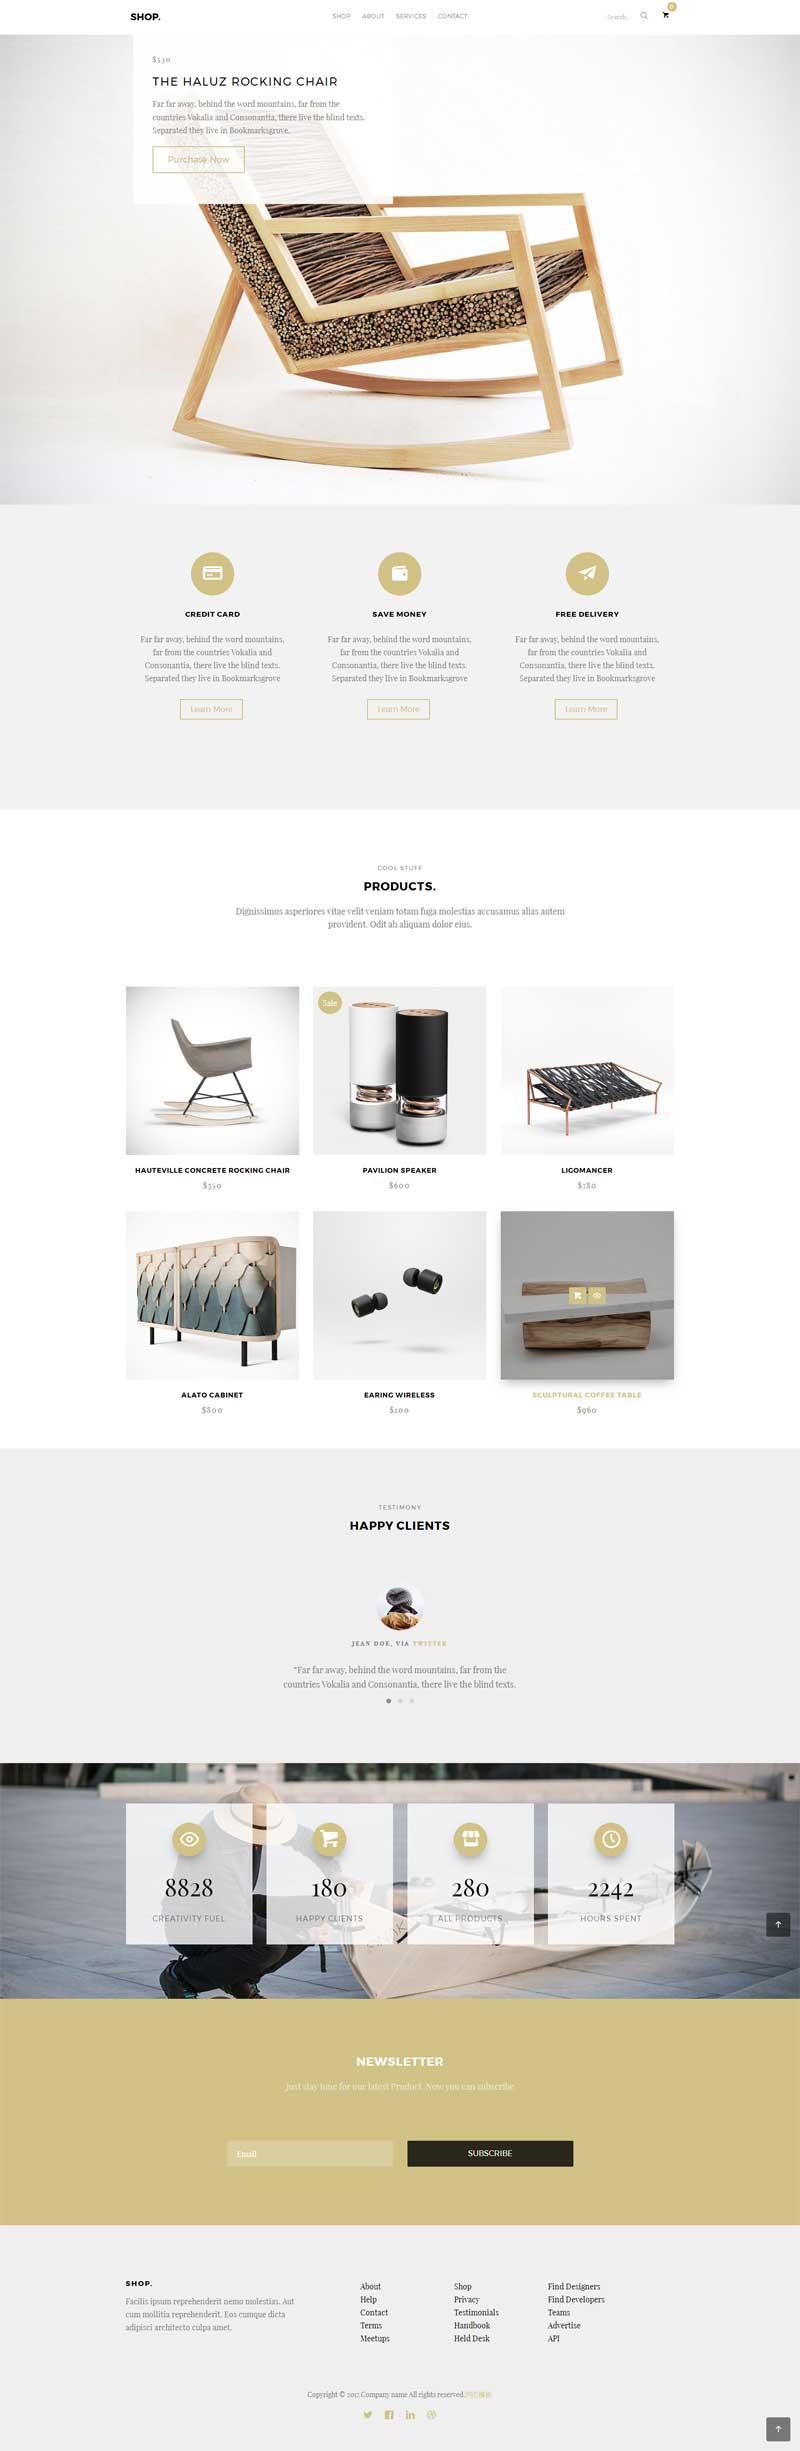 简单大气的木家具公司展示网站模板